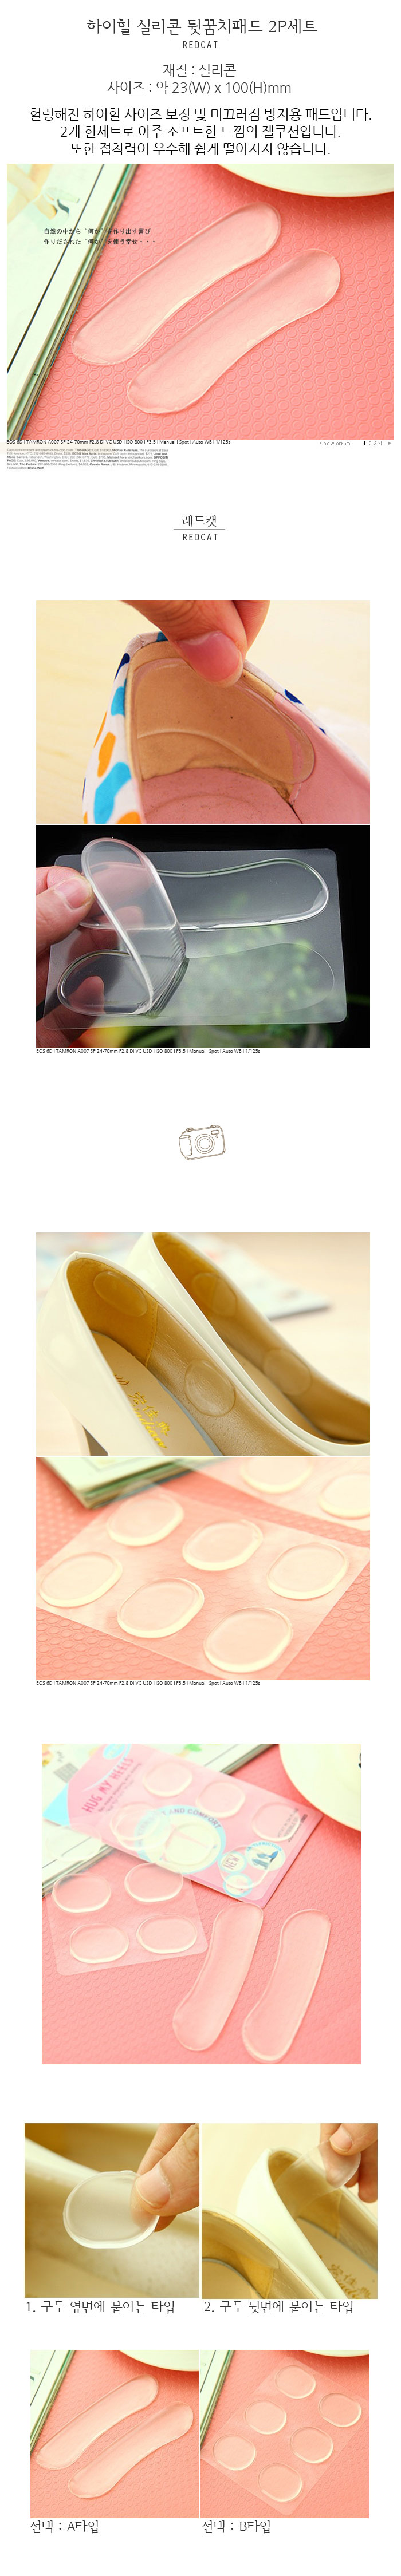 하이힐 실리콘 뒷꿈치패드 2P세트 - 네코리빙, 960원, 신발패드/깔창, 미끄럼방지